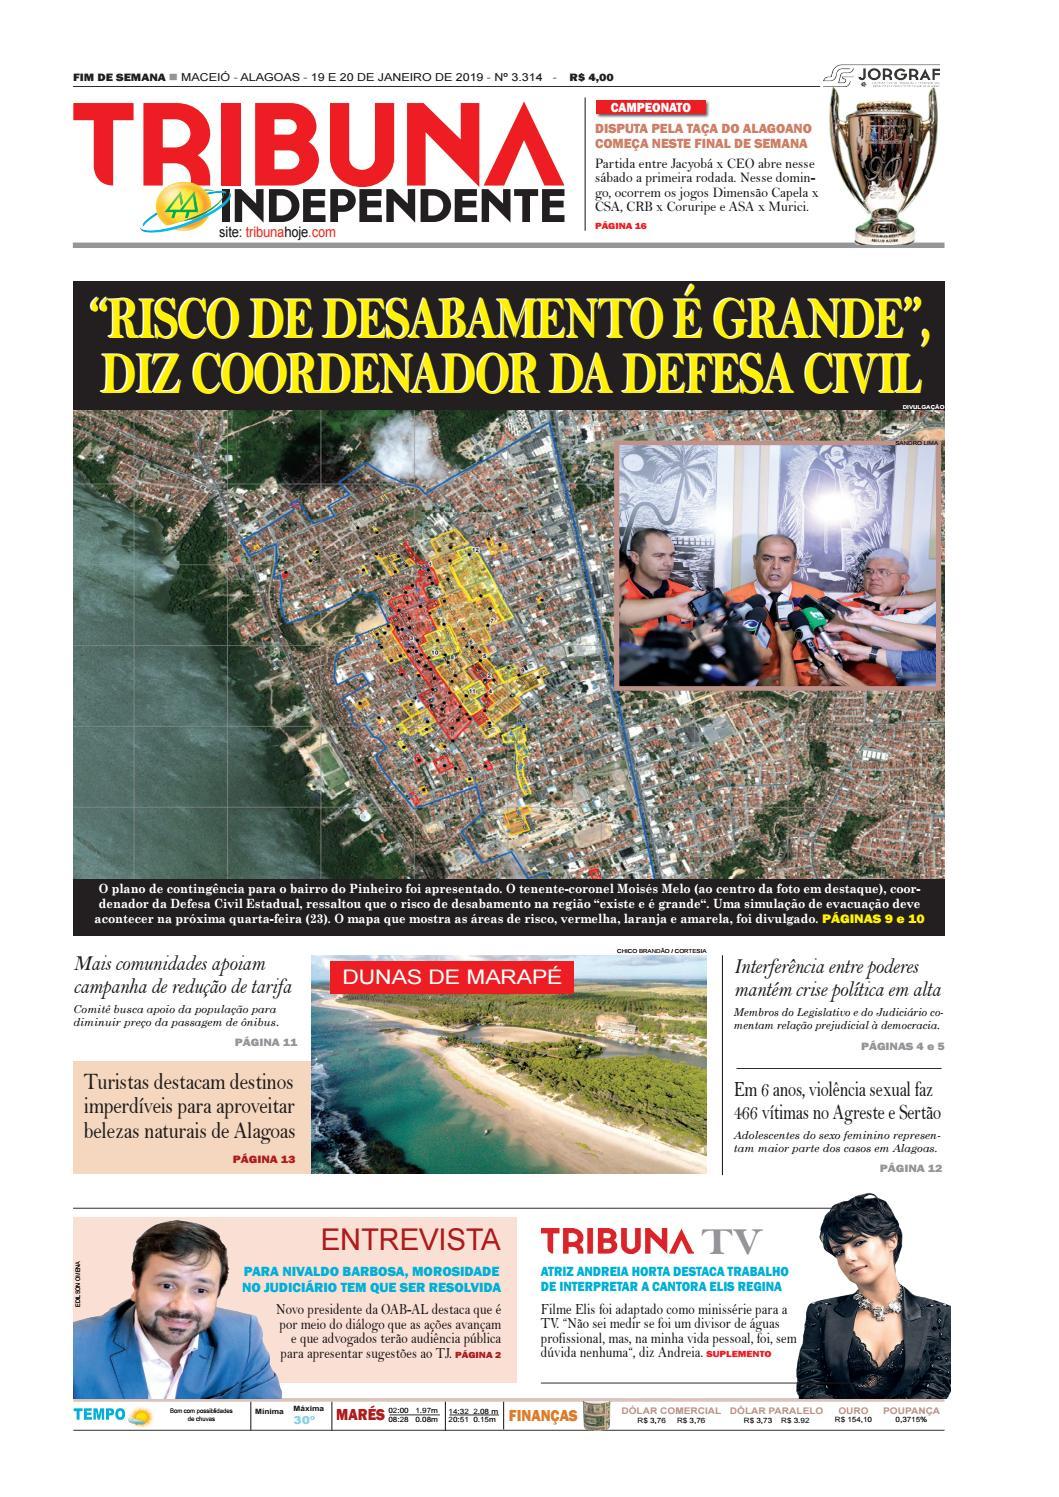 874dfb93eff Edição número 3314 - 19 e 20 de janeiro de 2019 by Tribuna Hoje - issuu